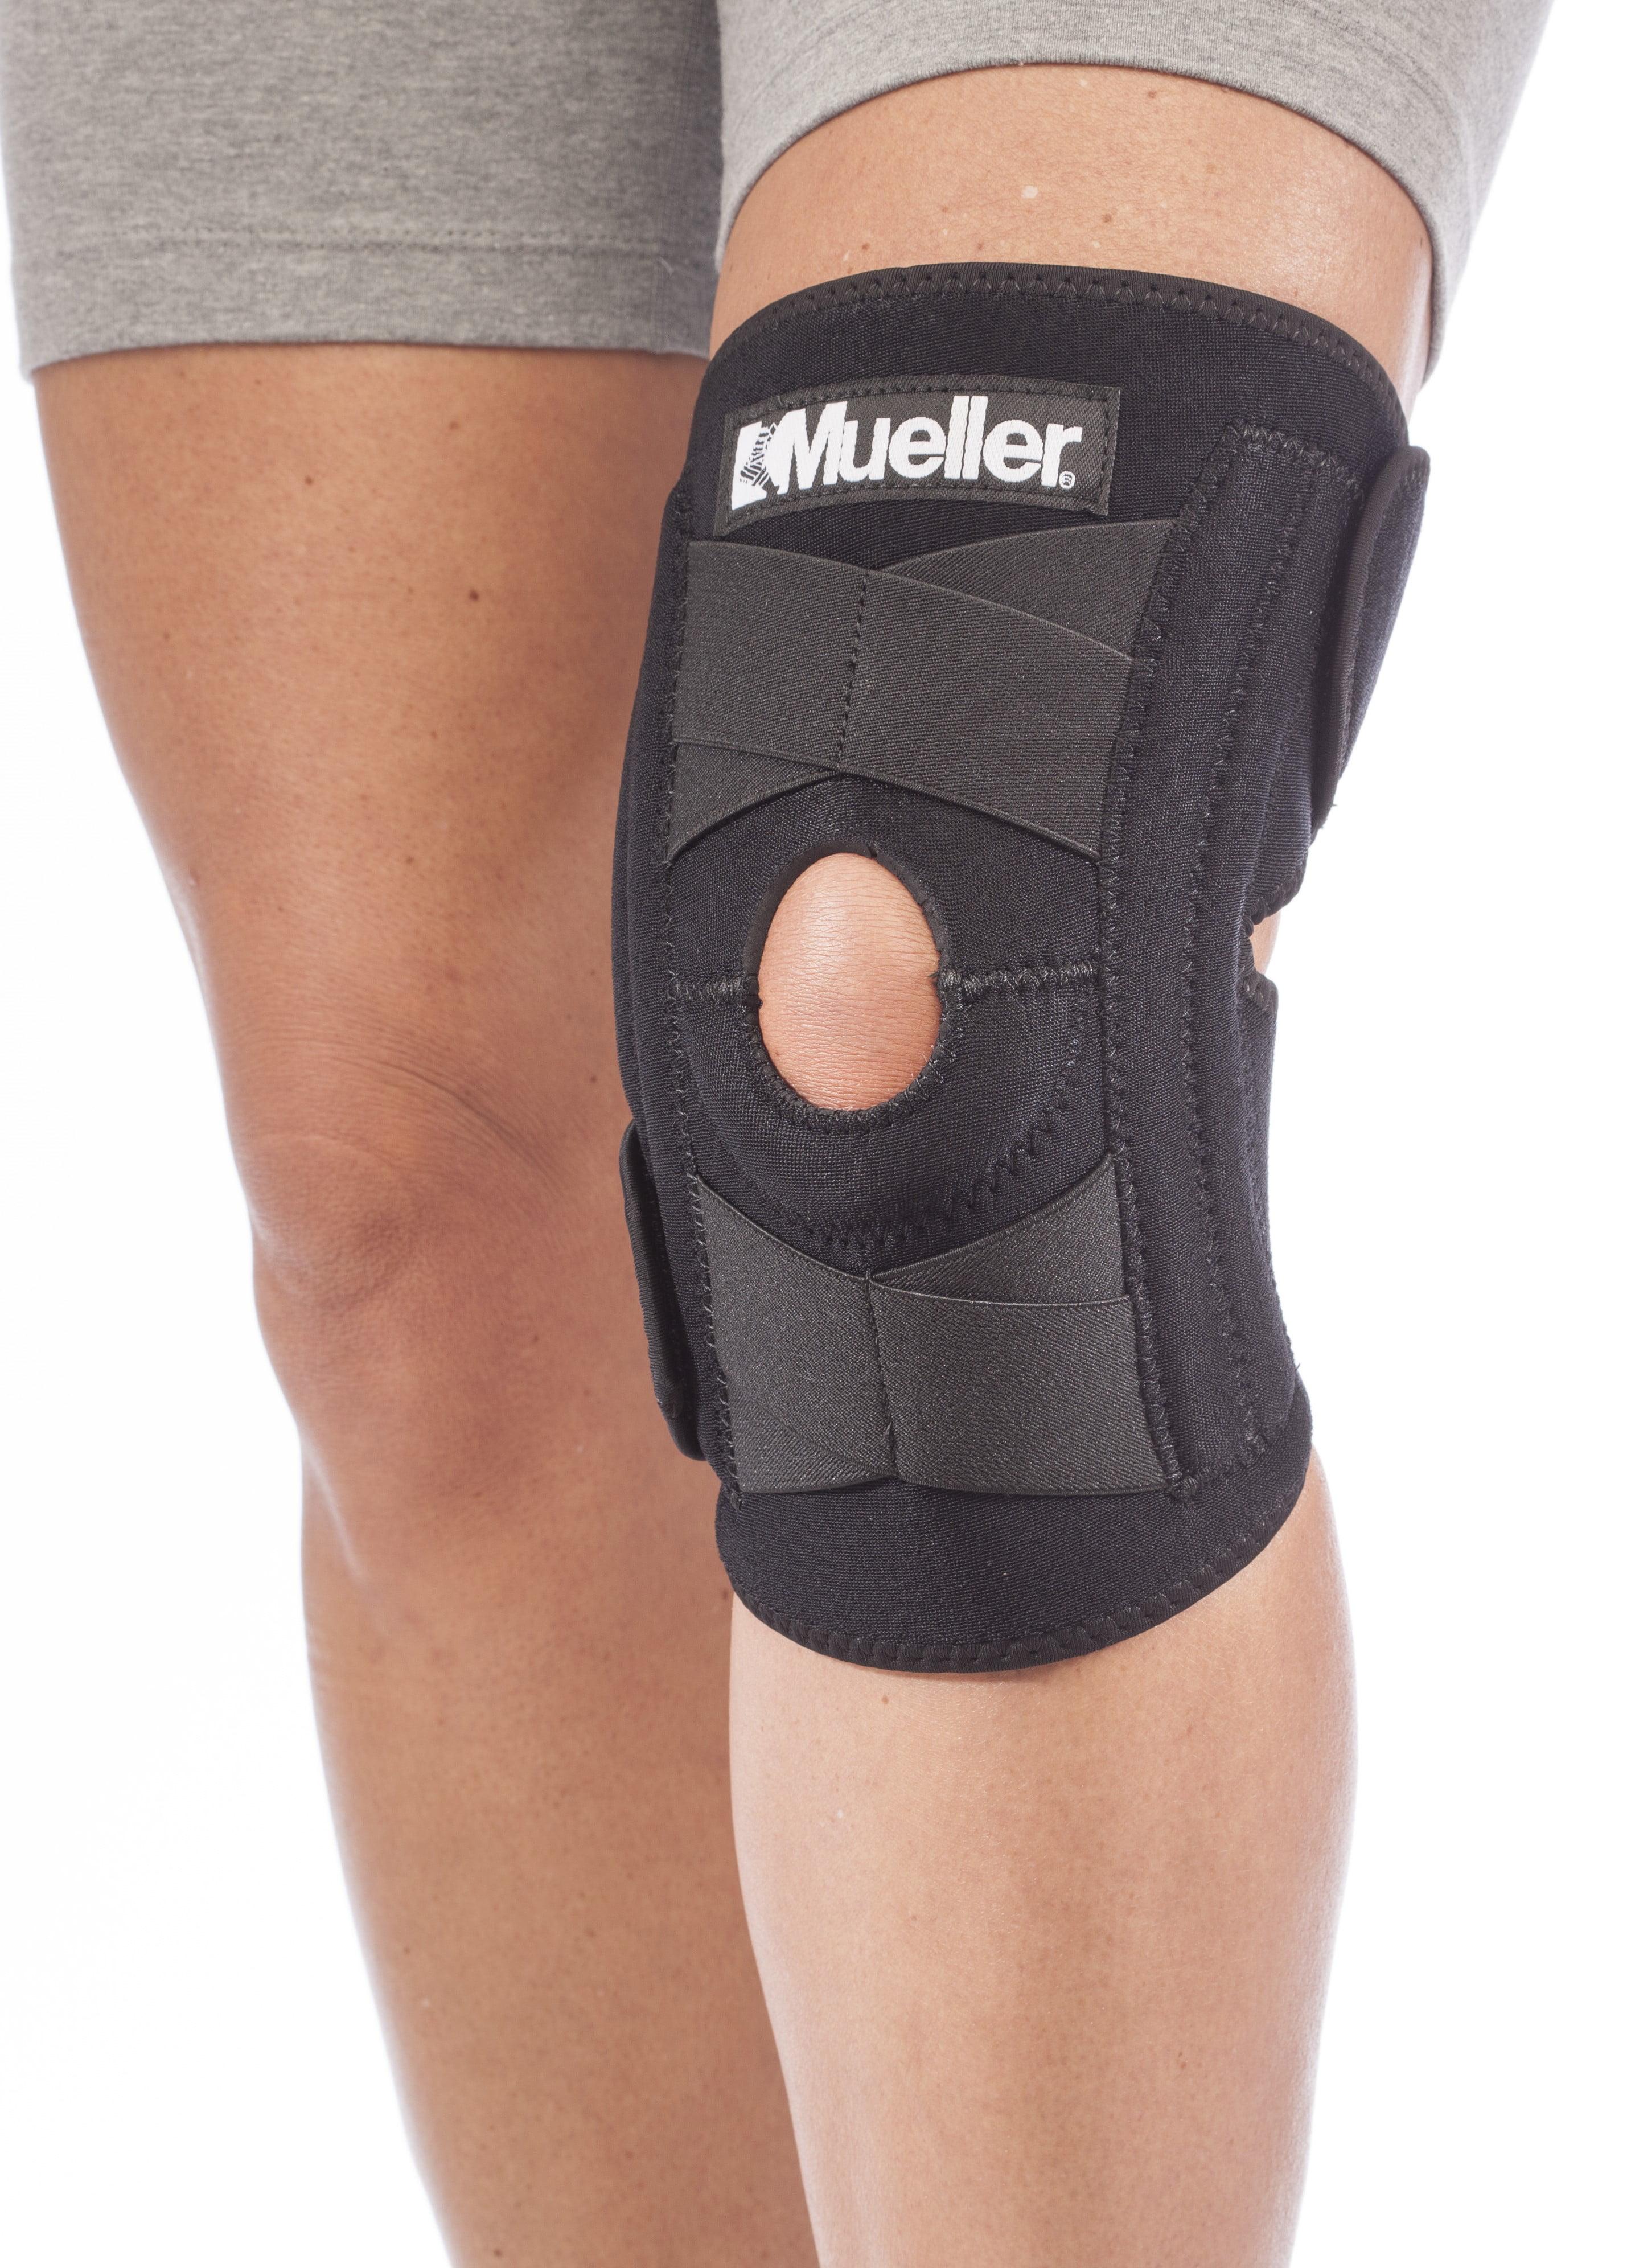 bd30d31e02 Mueller Self Adjusting Knee Stabilizer, Black, One Size Fits Most ...